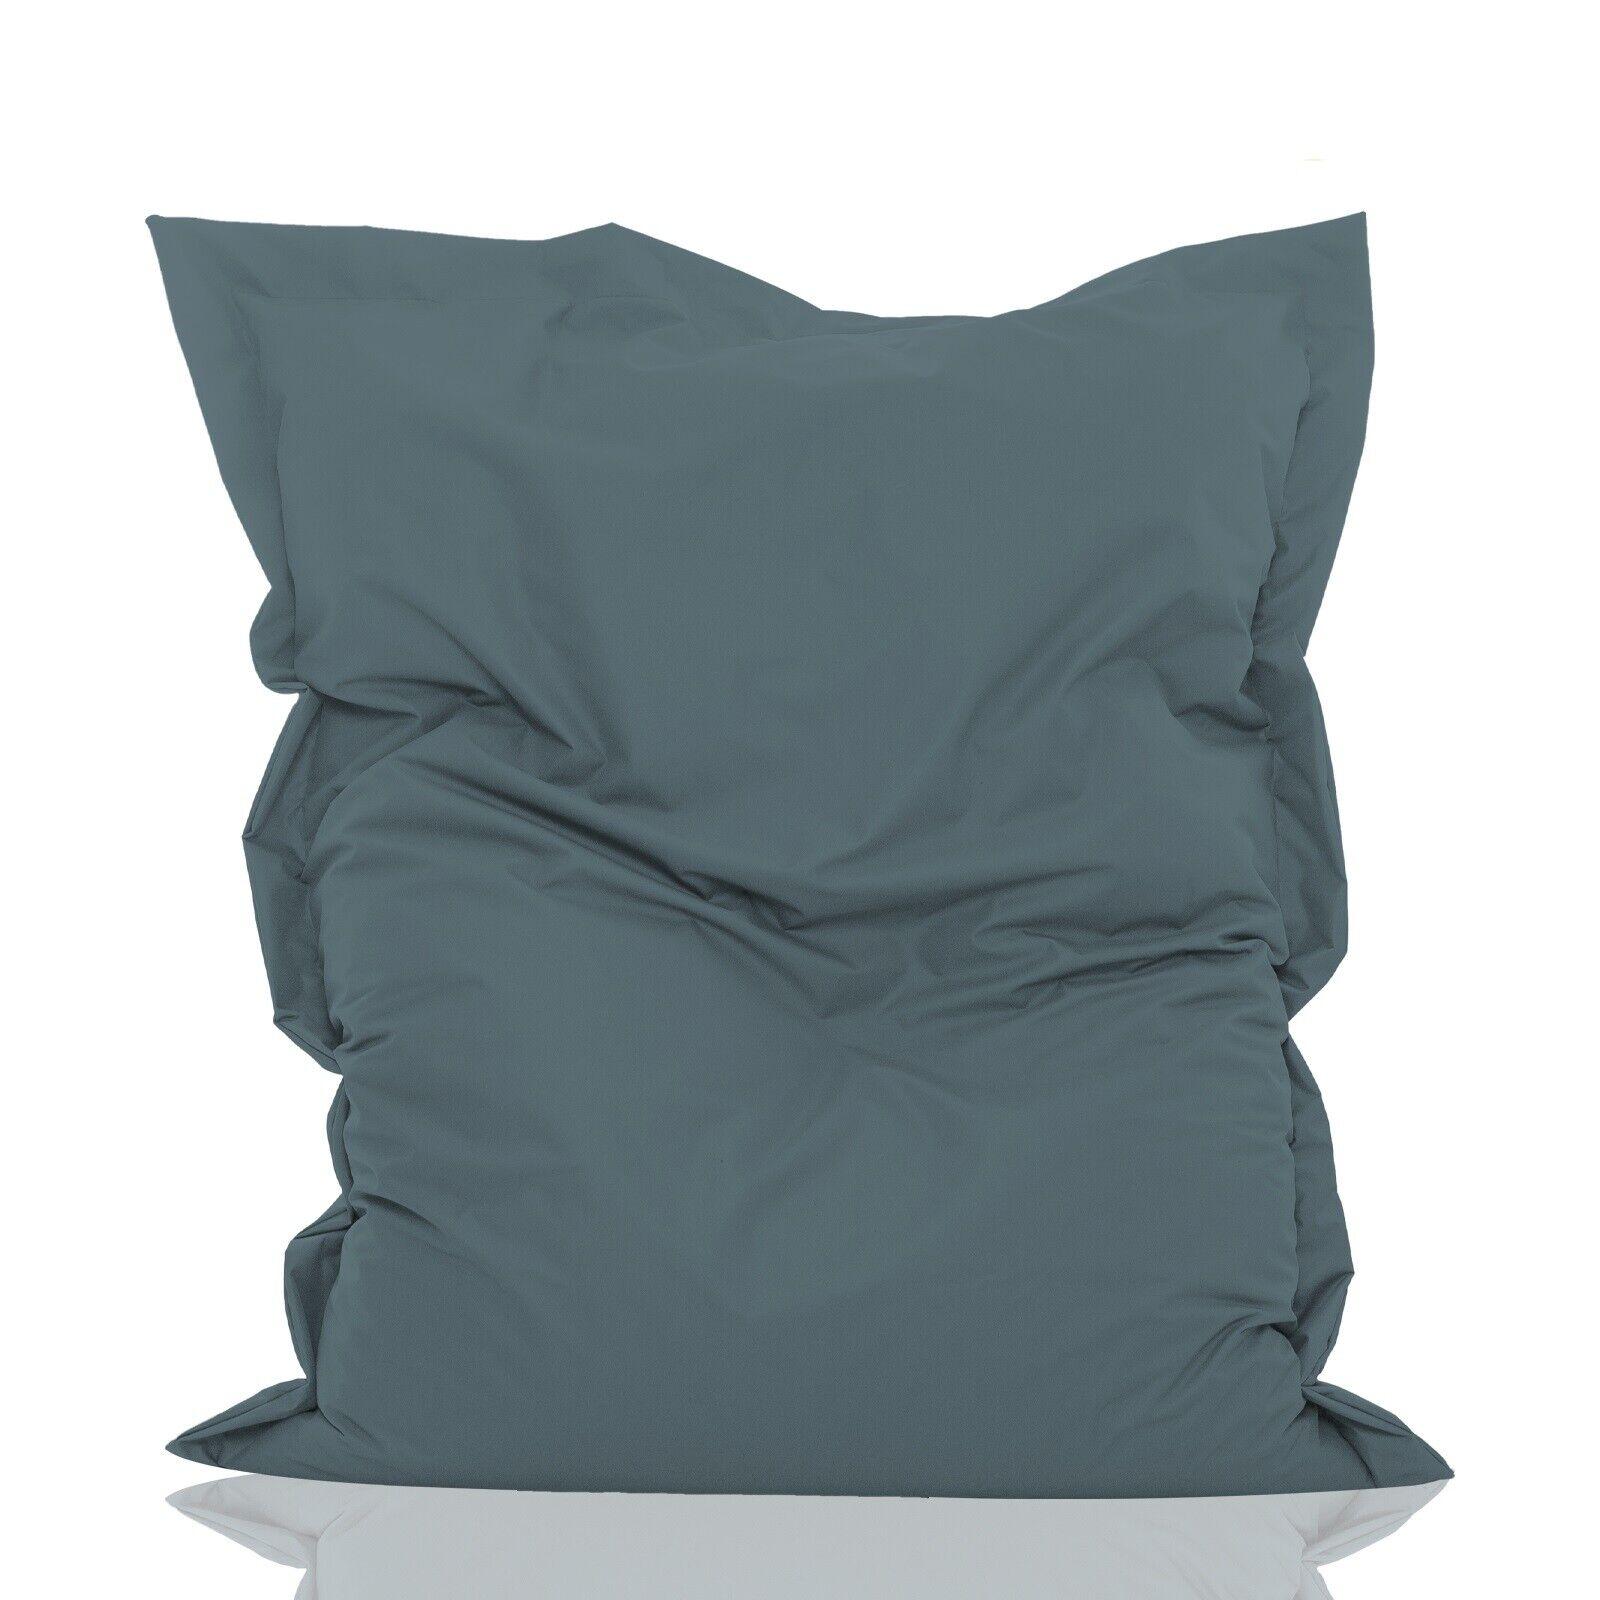 Hochwertiger Sitzsack Rechteck - Indoor & Outdoor - mit Styroporkugeln Füllung